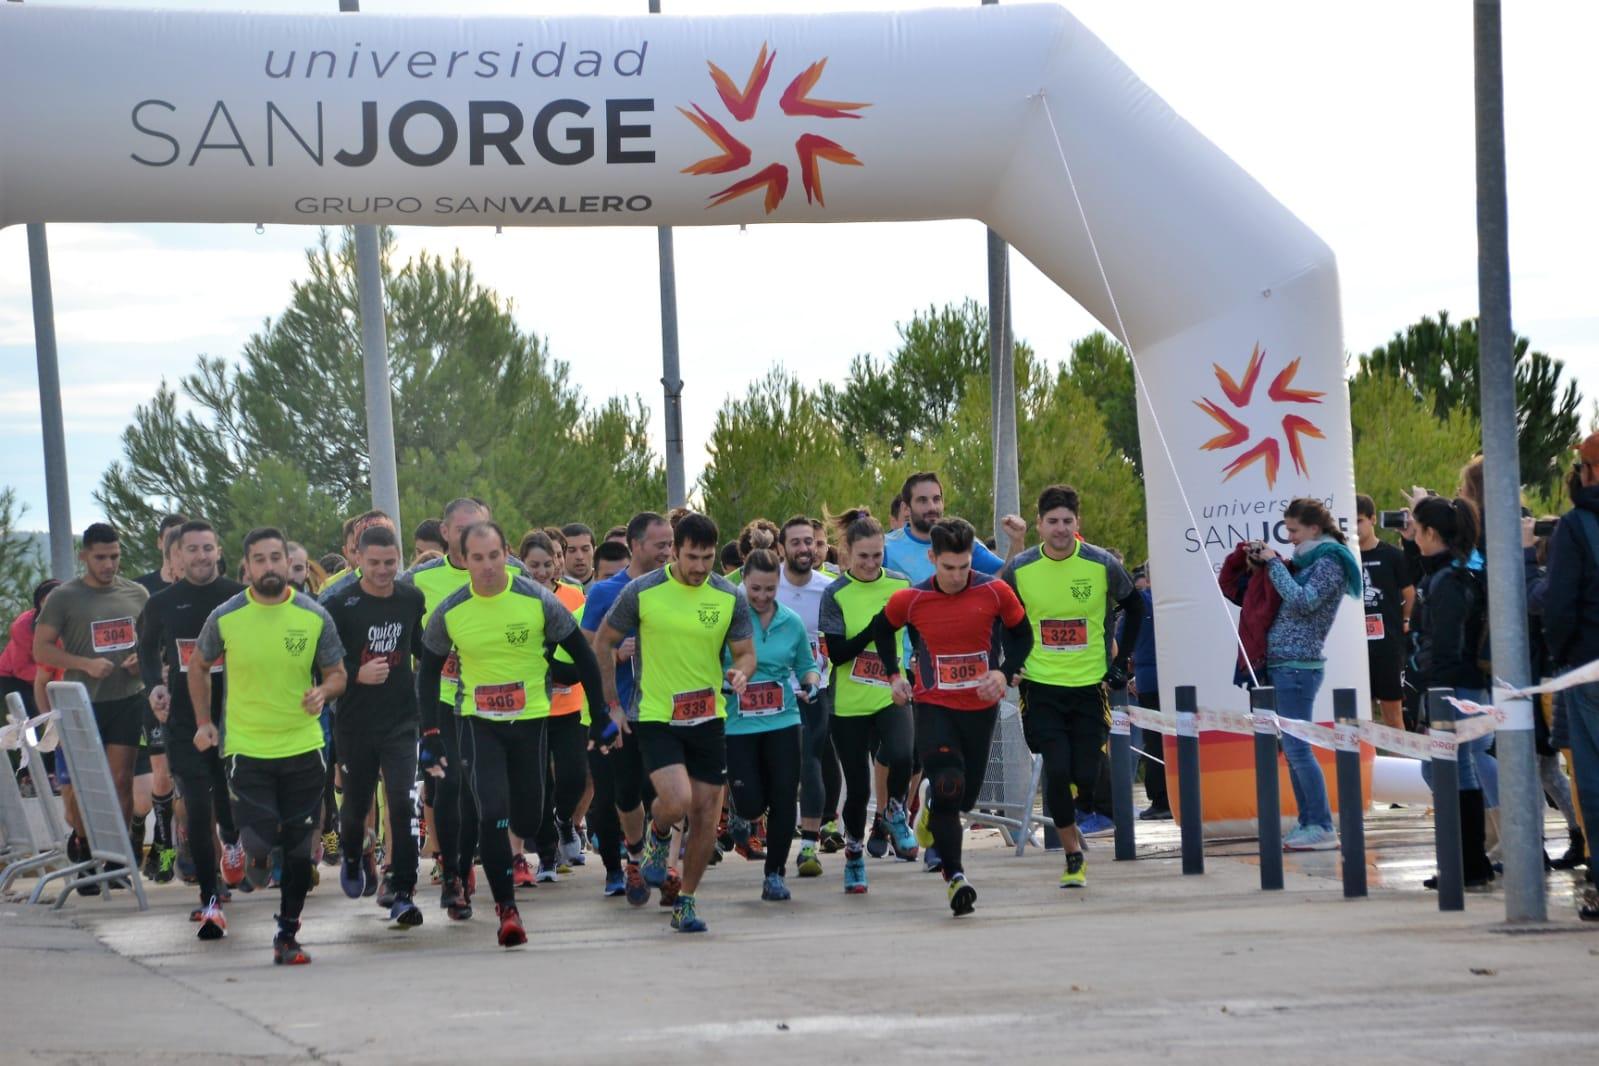 La Gladiator Aragón Universidad San Jorge acoge a 400 participantes